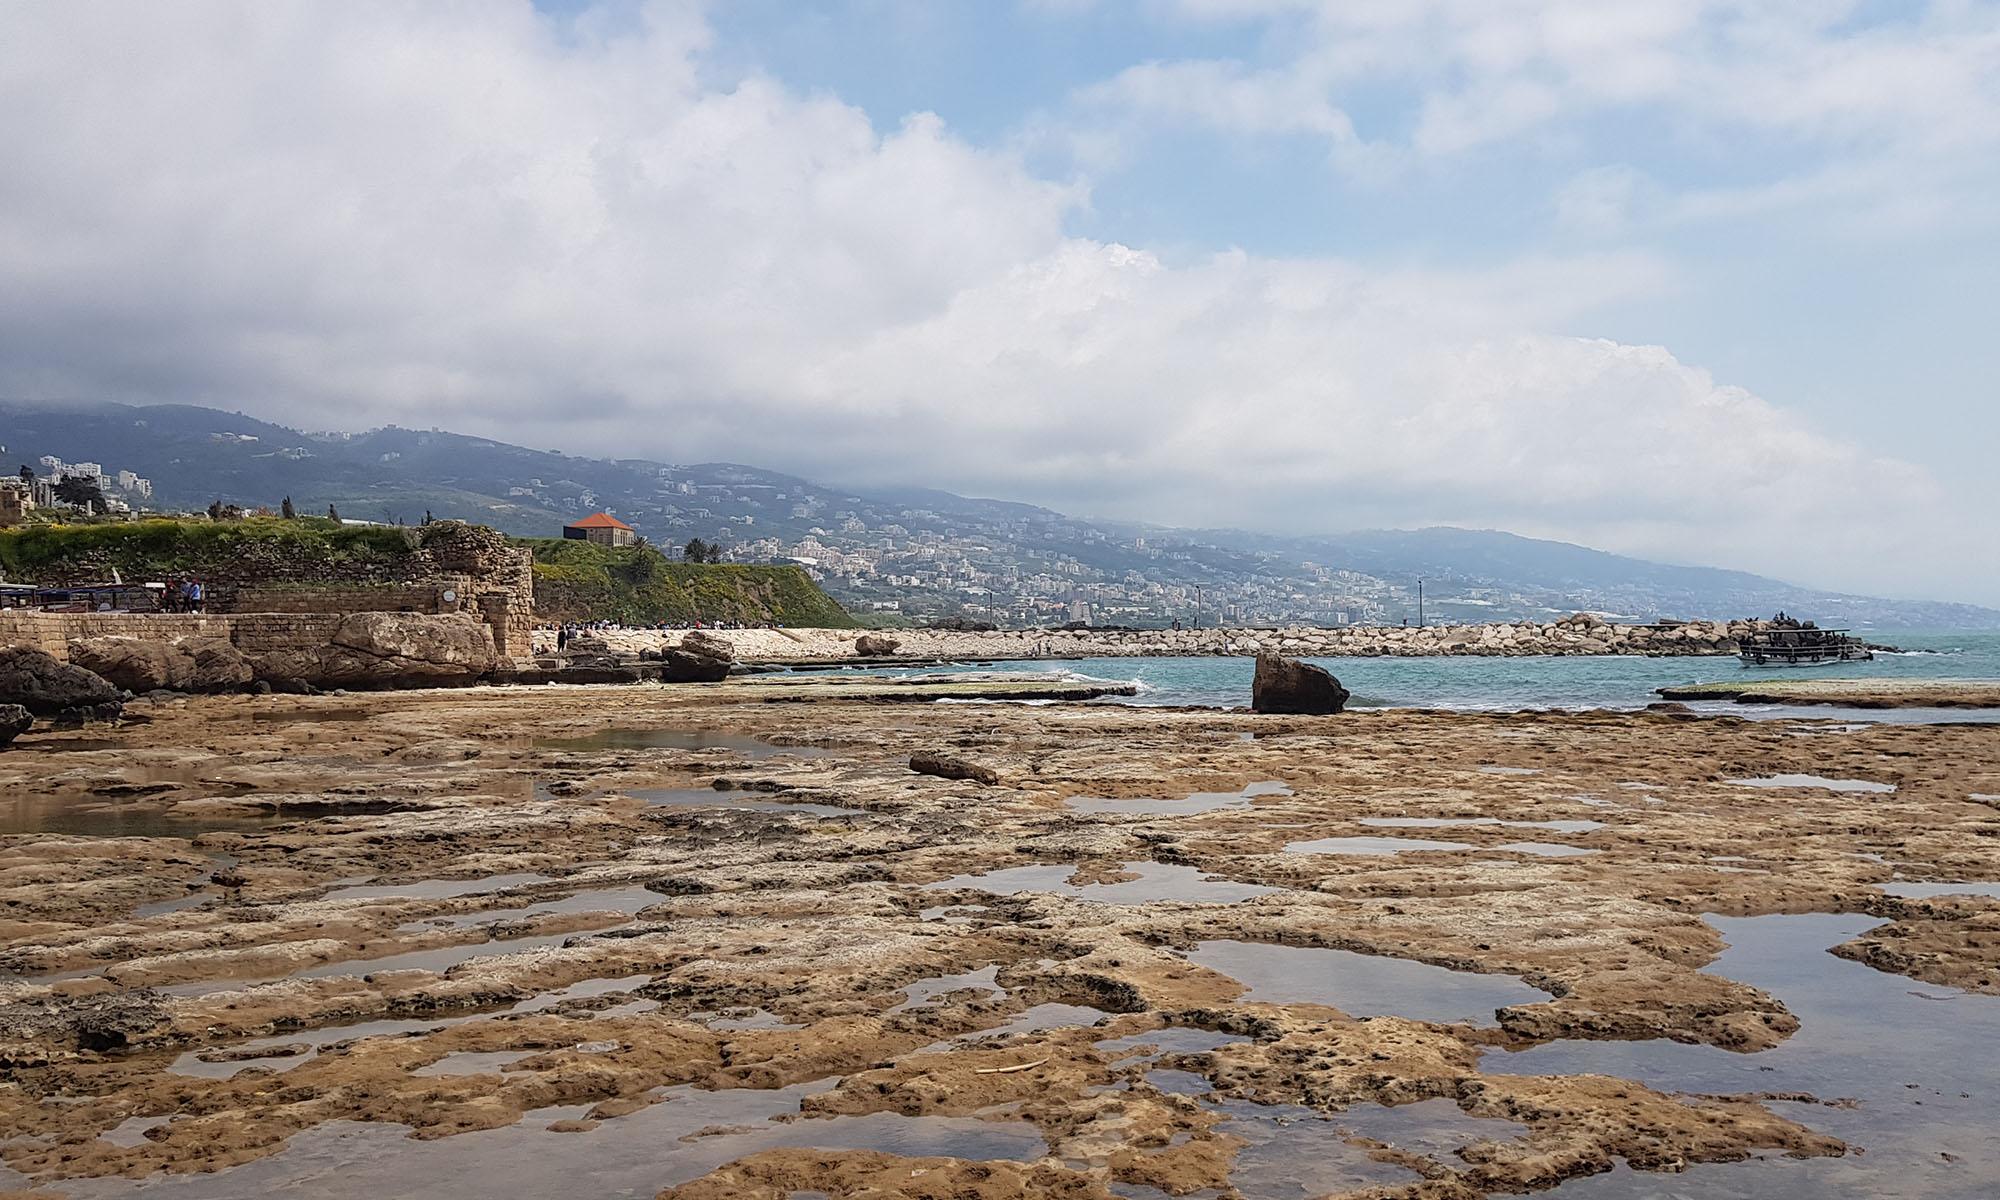 Libanon Byblos Zee